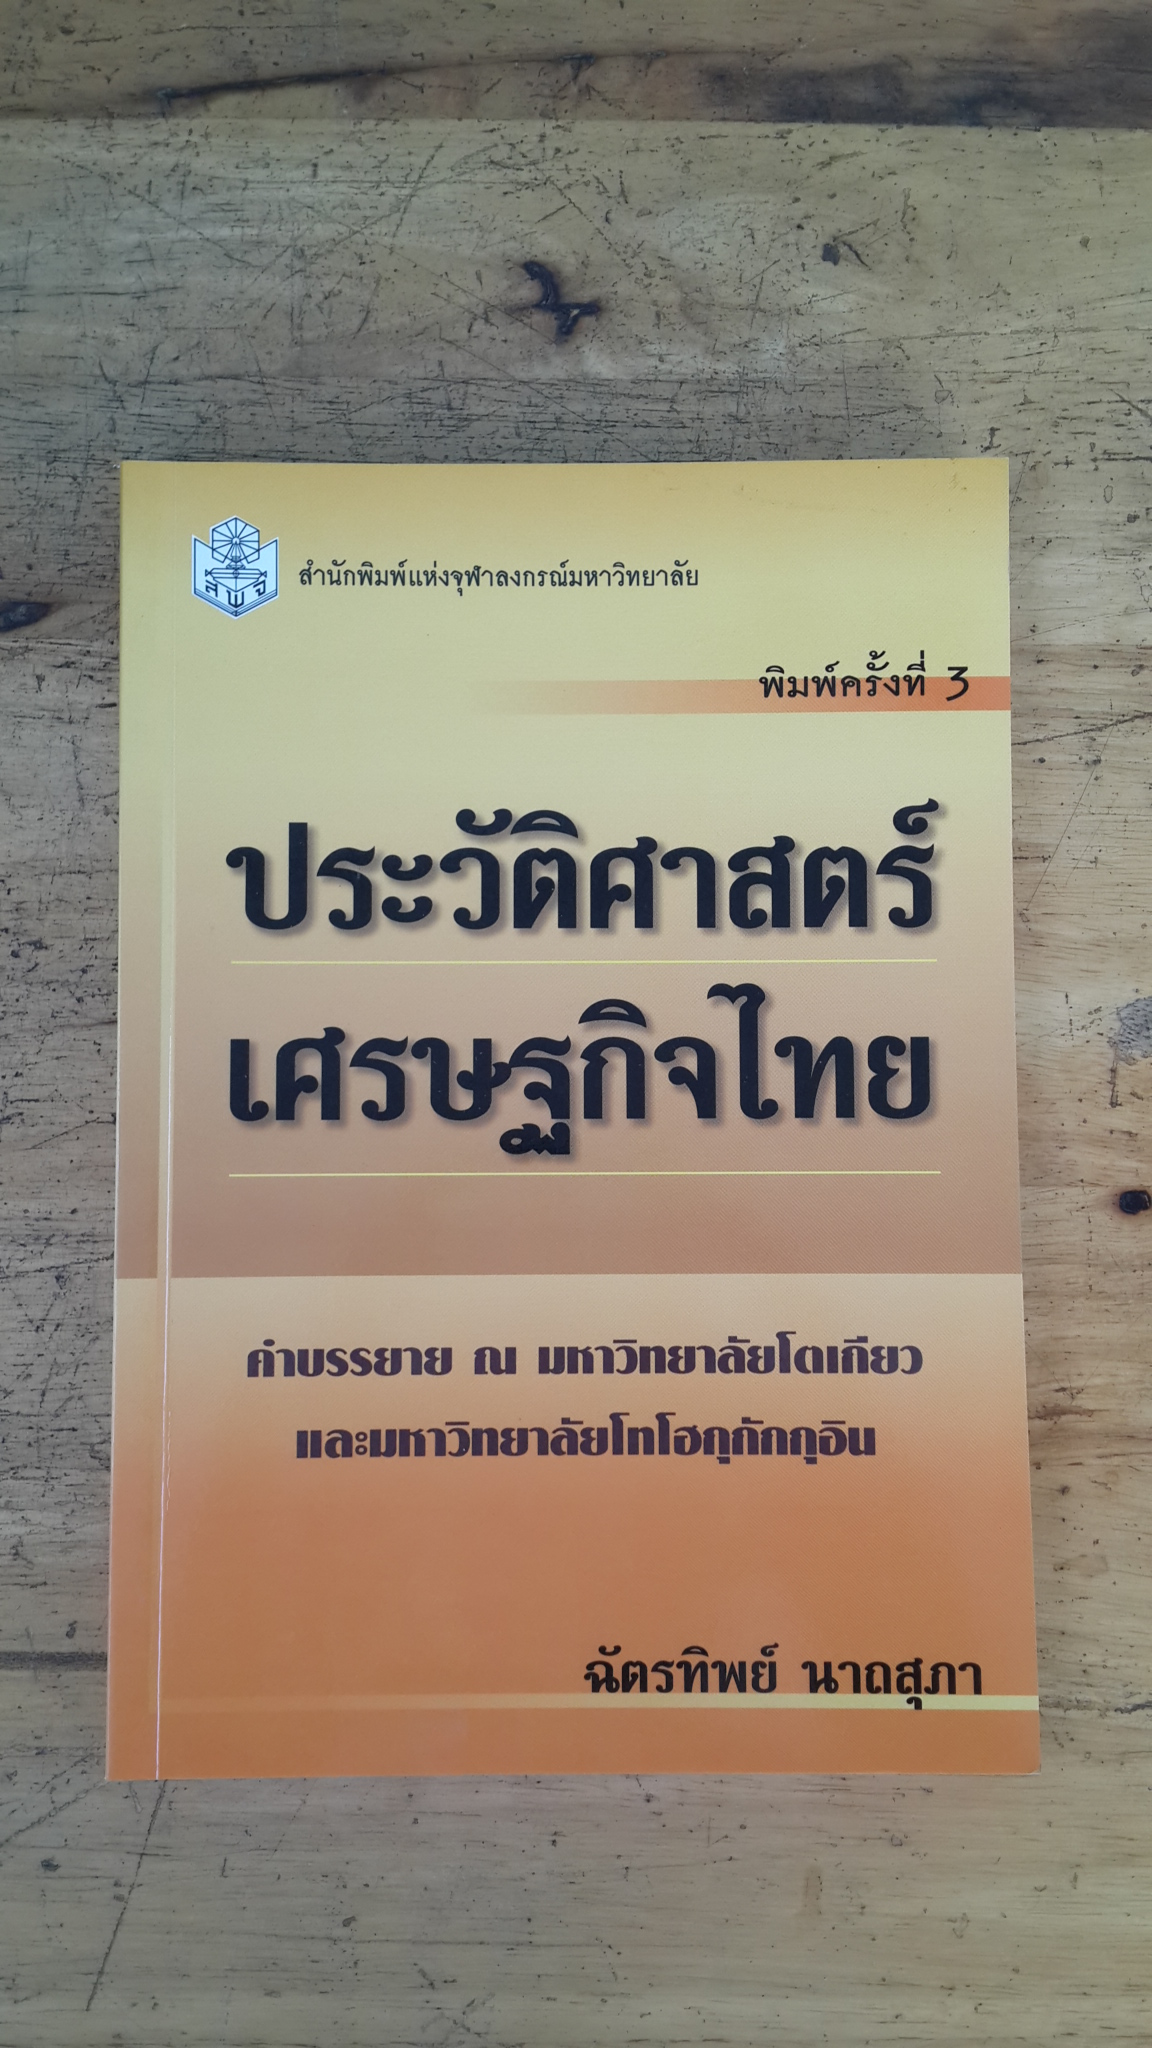 ประวัติศาสตร์เศรษฐกิจไทย / ฉัตรทิพย์ นาถสุภา